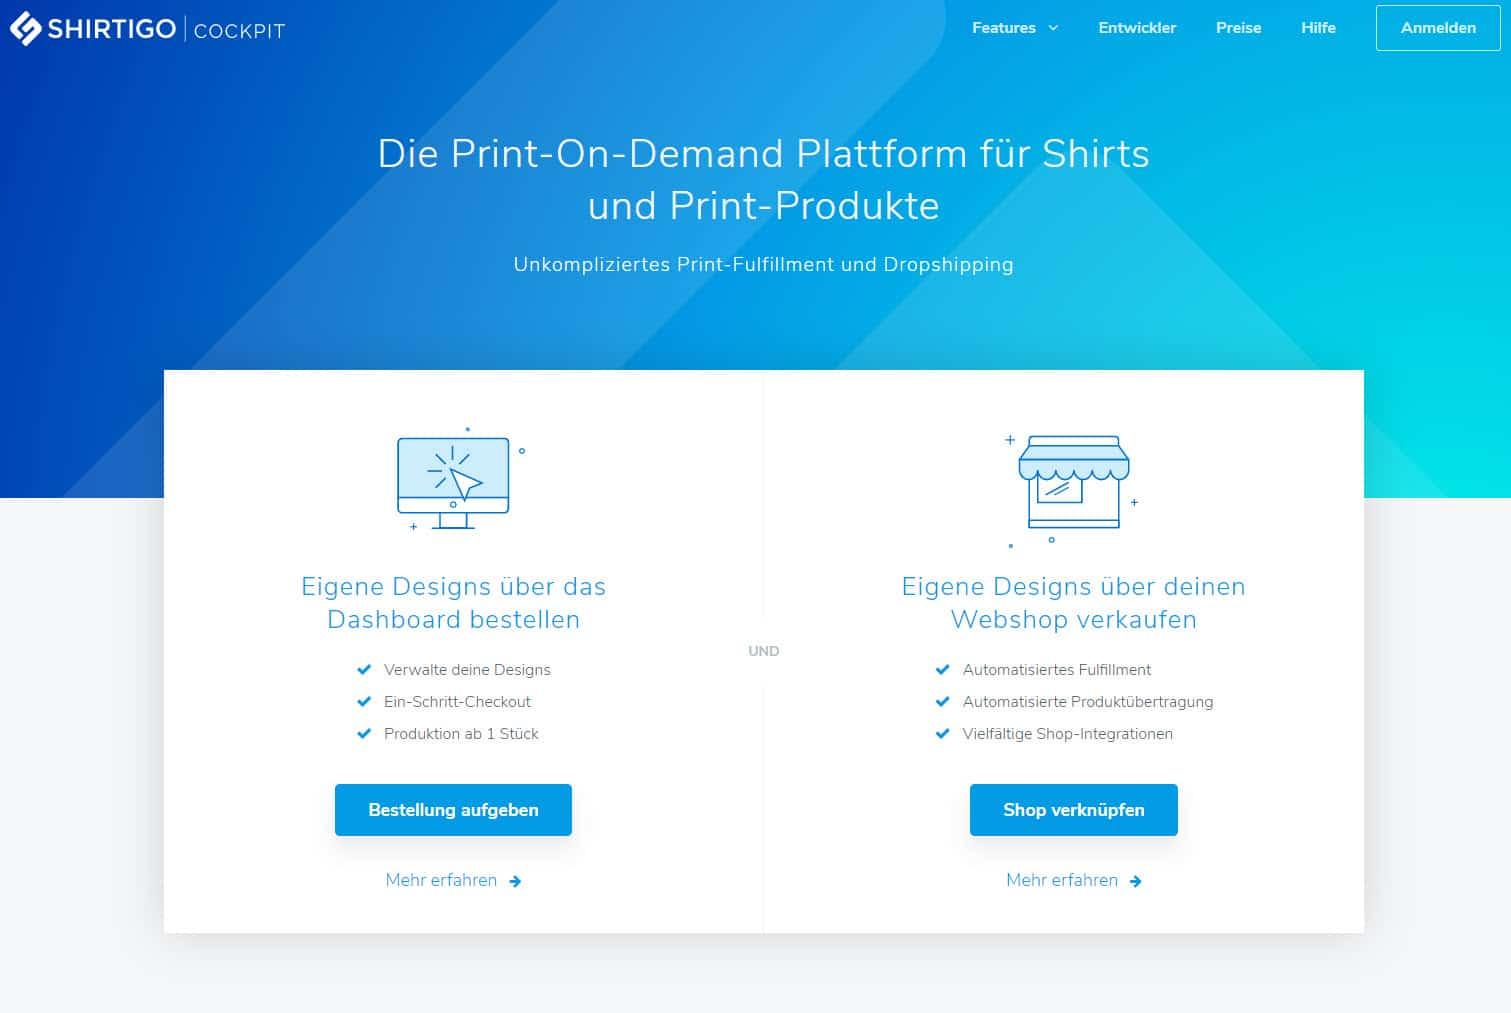 Das Shirtigo Cockpit - die App für dein Print on Demand Business